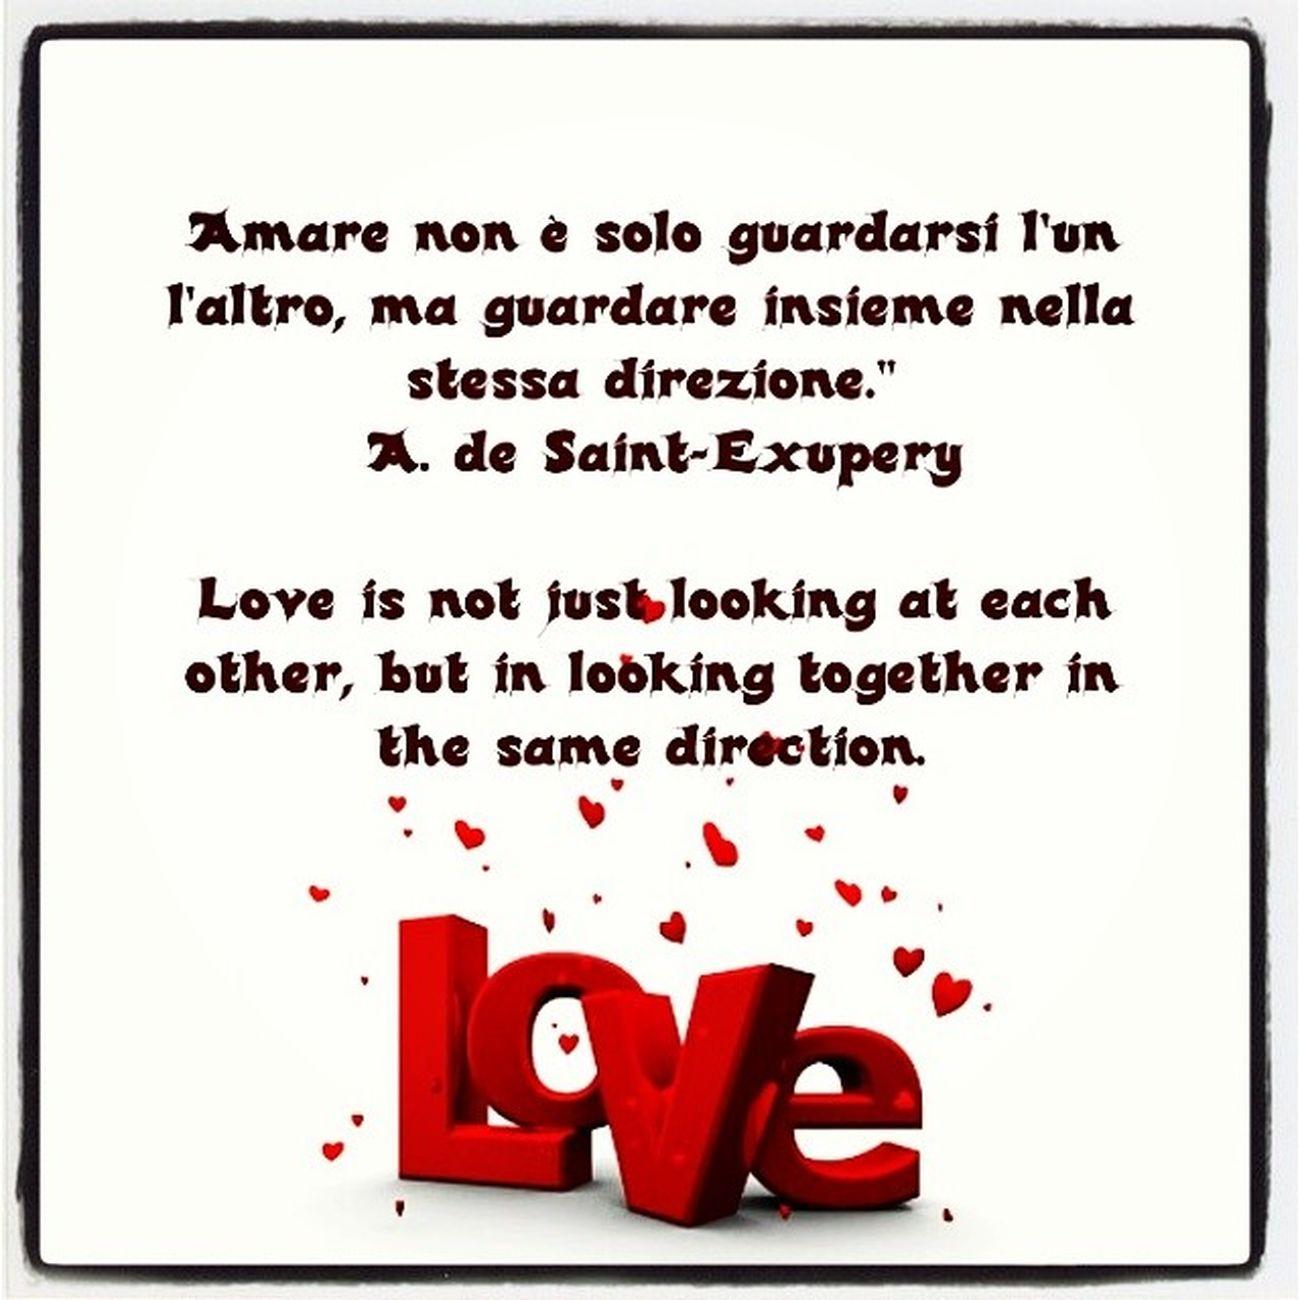 Love , Amore , Guardare , Instalove , instaquote, cit, tag, tagsta, tagsforlikes, riflessioni, forever, instagood, igersitalia, couple, saintexupery, likeforlike, like4like, summer, cool, iphonesia,